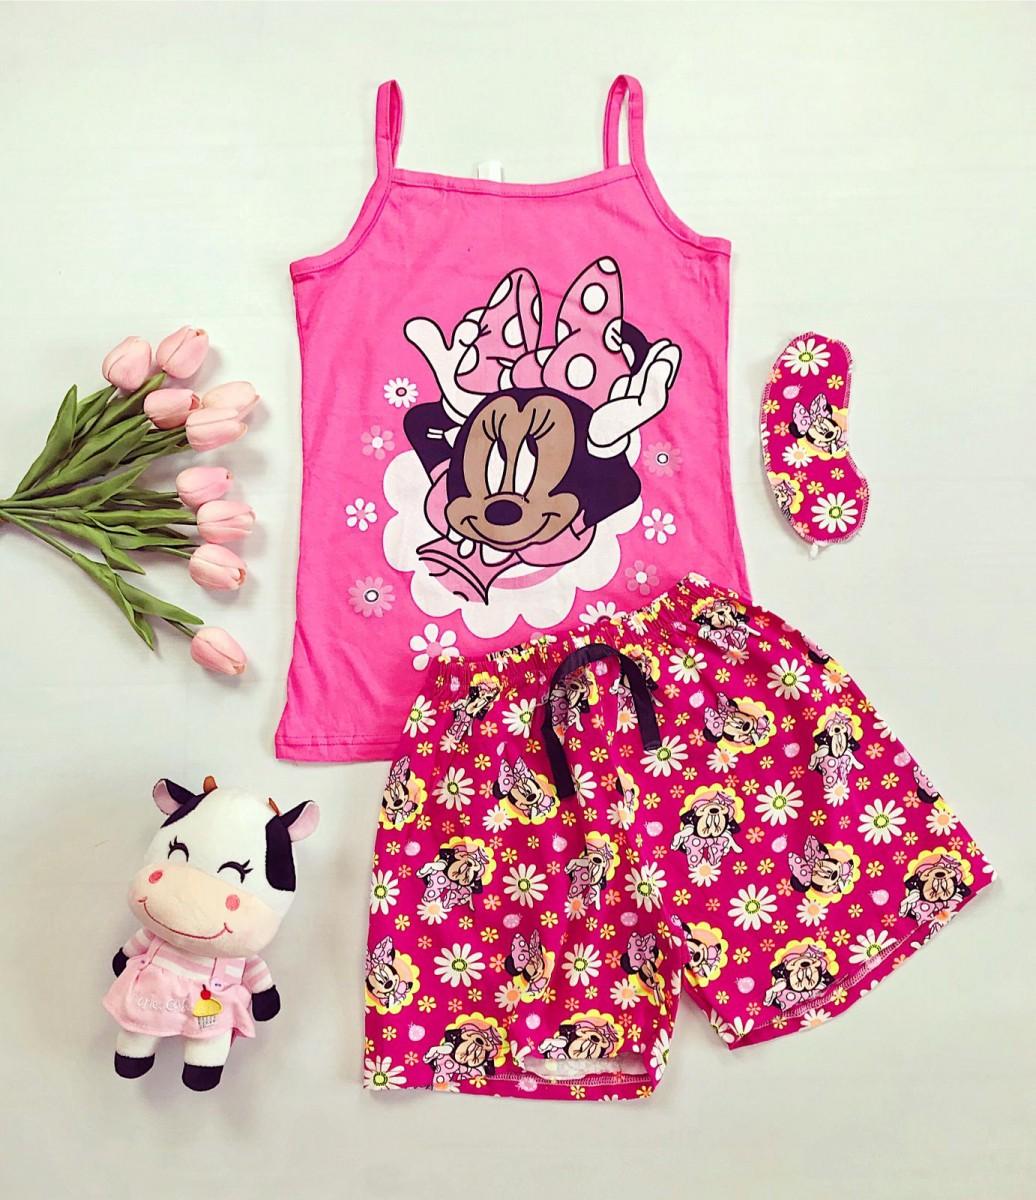 Pijama dama ieftina bumbac primavara vara cu maieu roz inchis si pantaloni scurti roz cu imprimeu MM & flori imagine